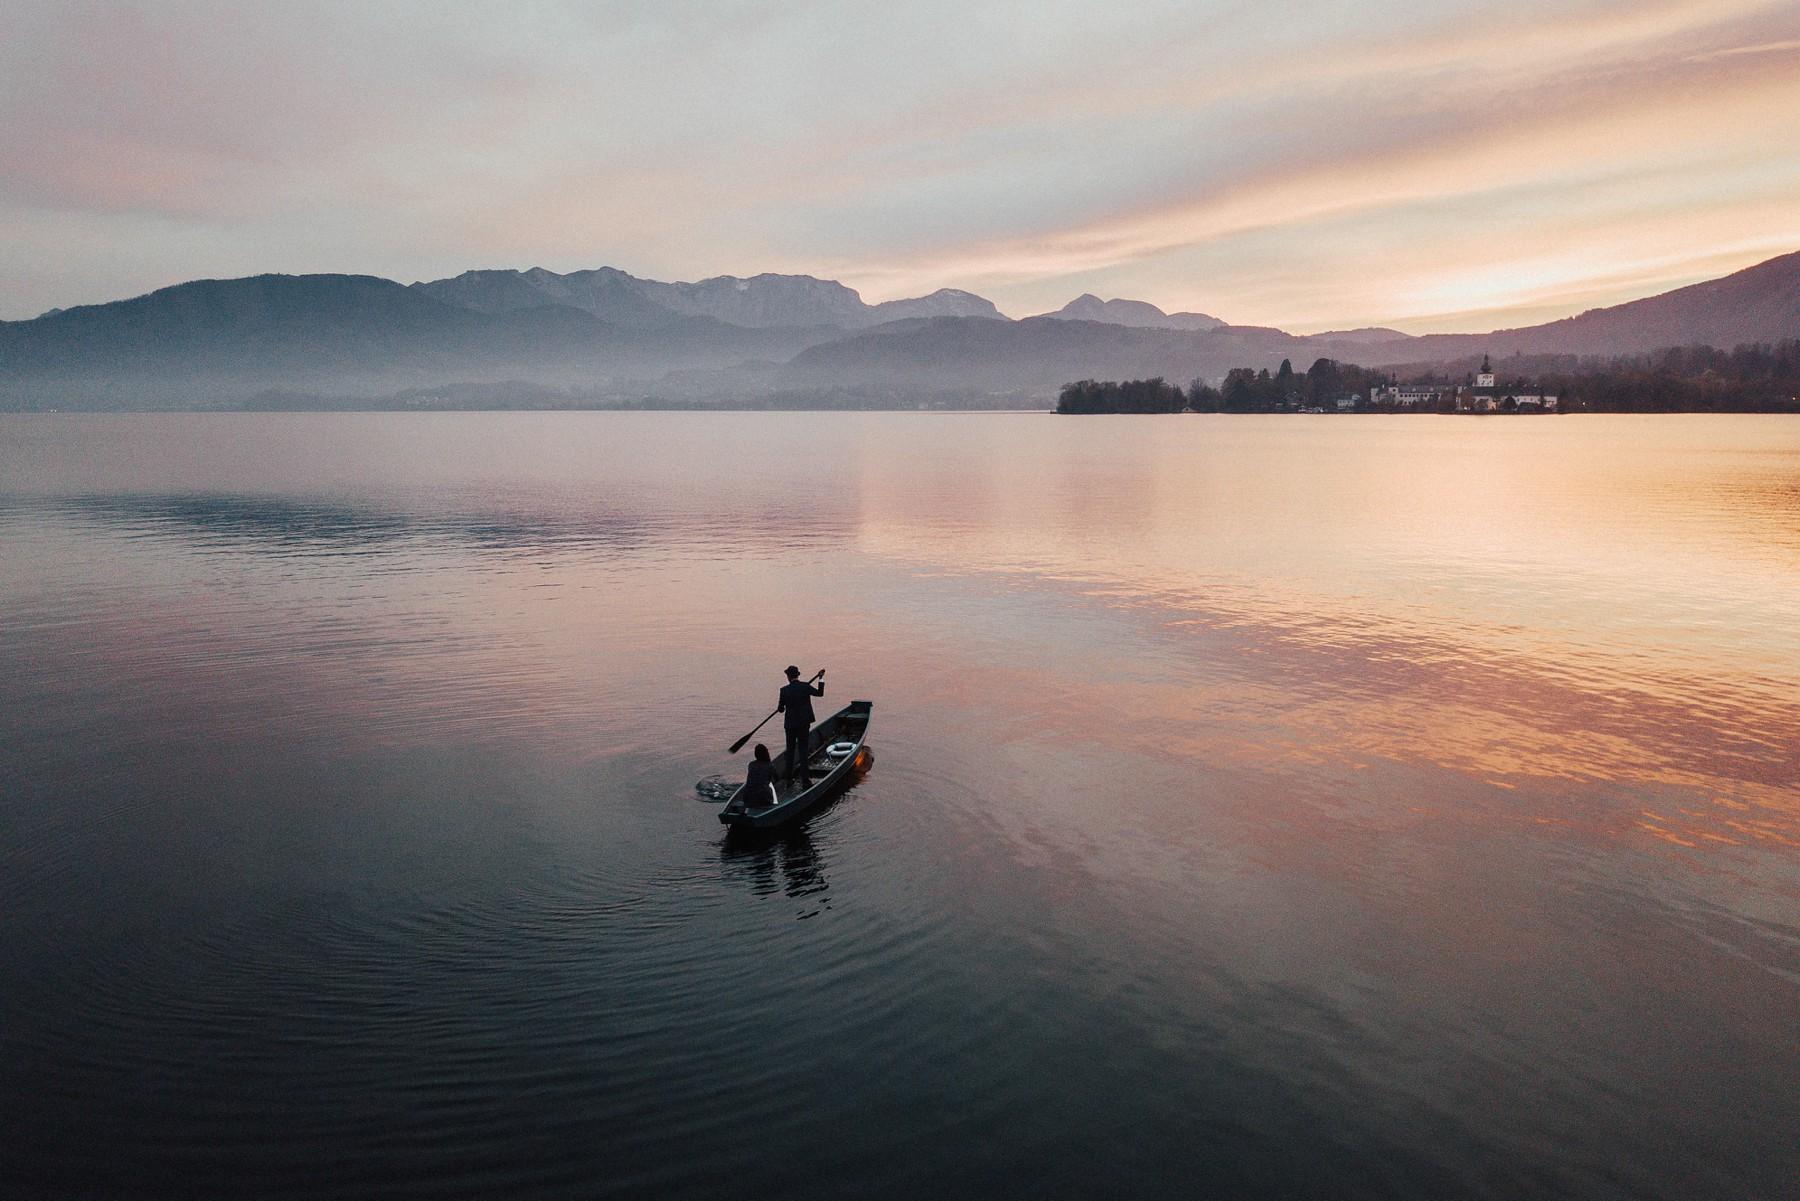 Sonnenuntergang am Traunsee und Hochzeitspaar am Boot